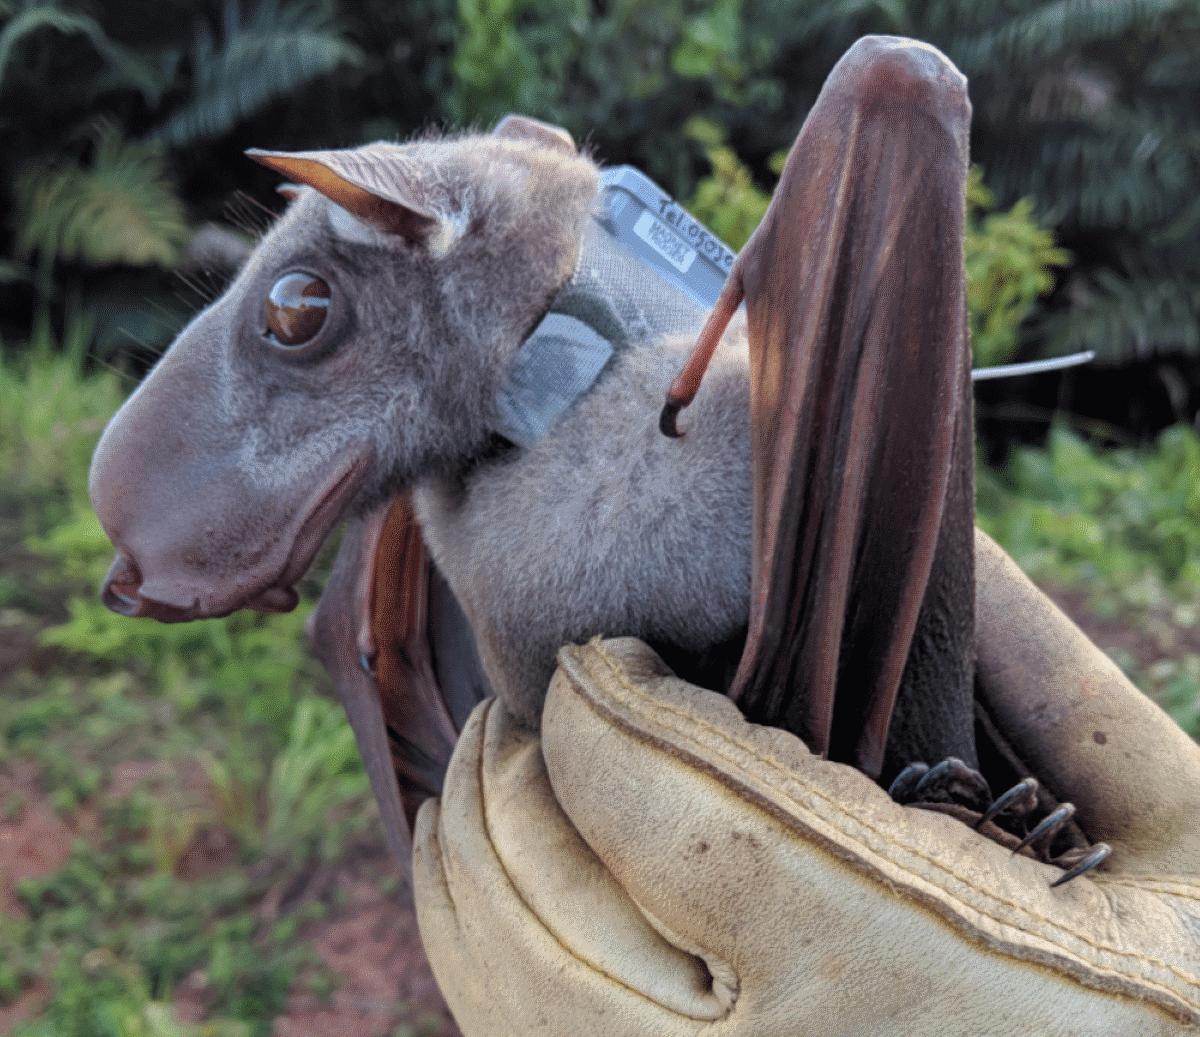 el murciélago cabeza de martillo se encuentra al borde de la extinción